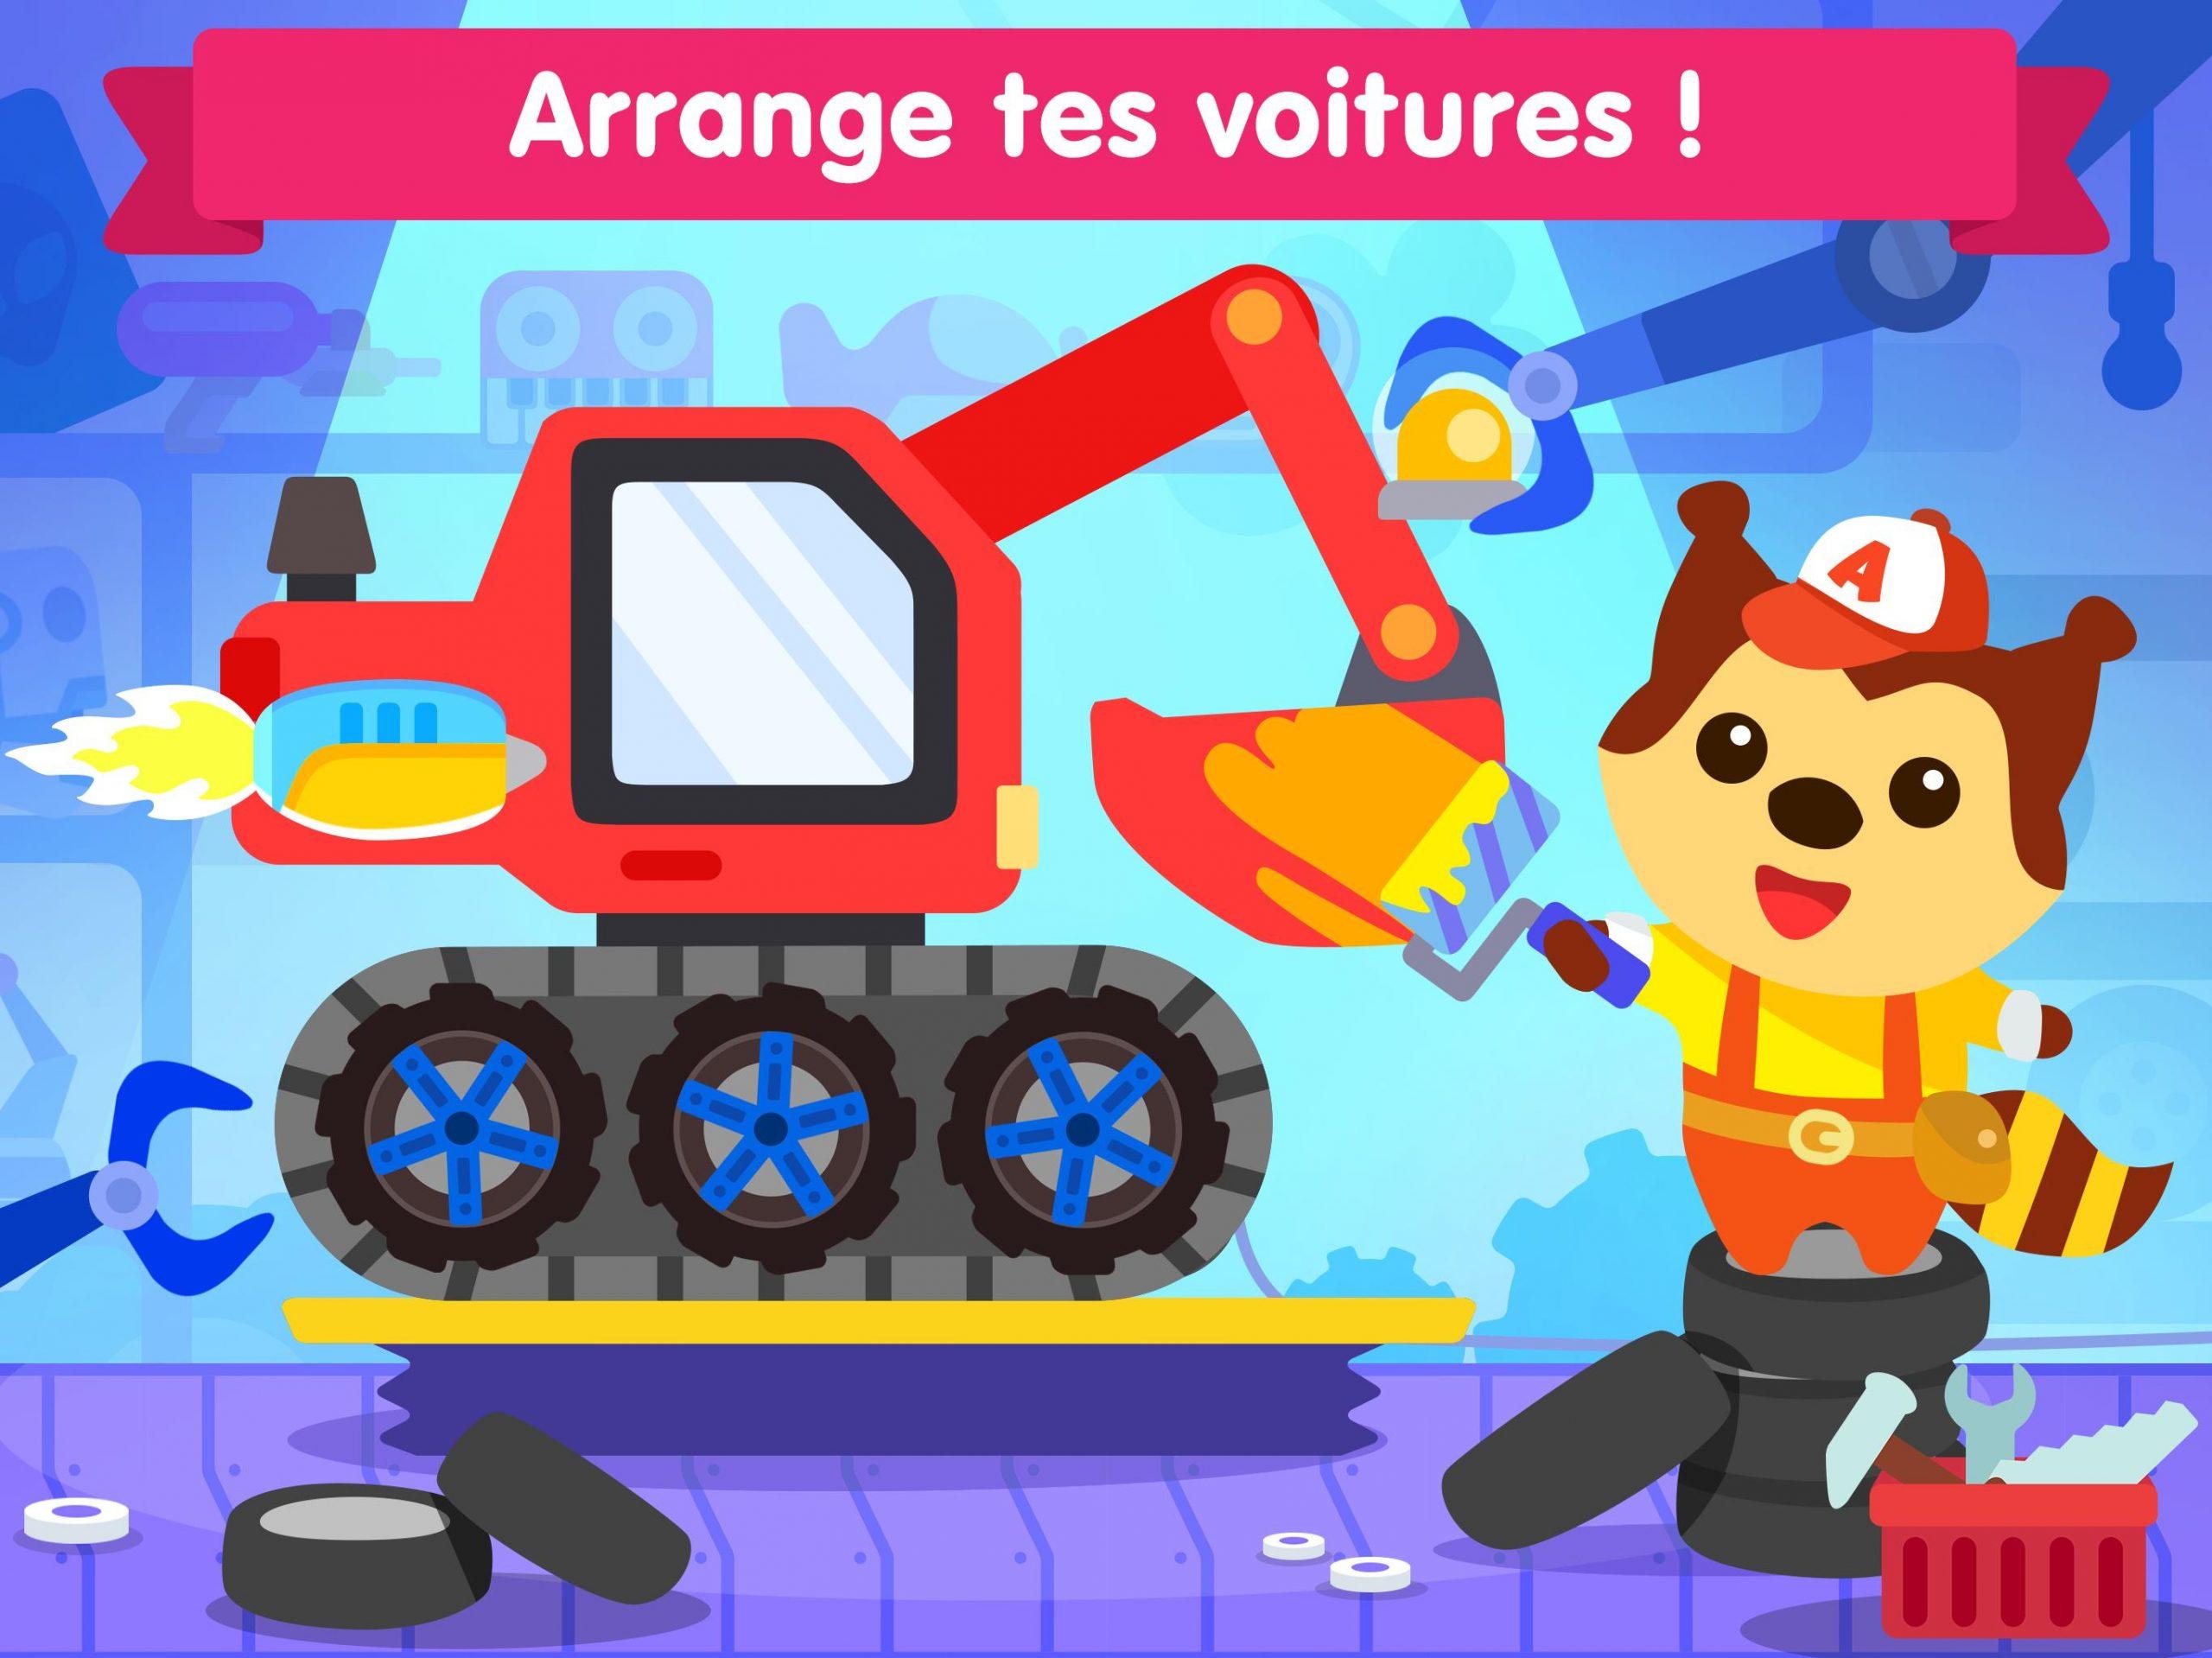 Jeu De Voiture Pour Les Bébés Et Enfants 3 Ans Pour Android dedans Jeux Educatif Enfant 6 Ans